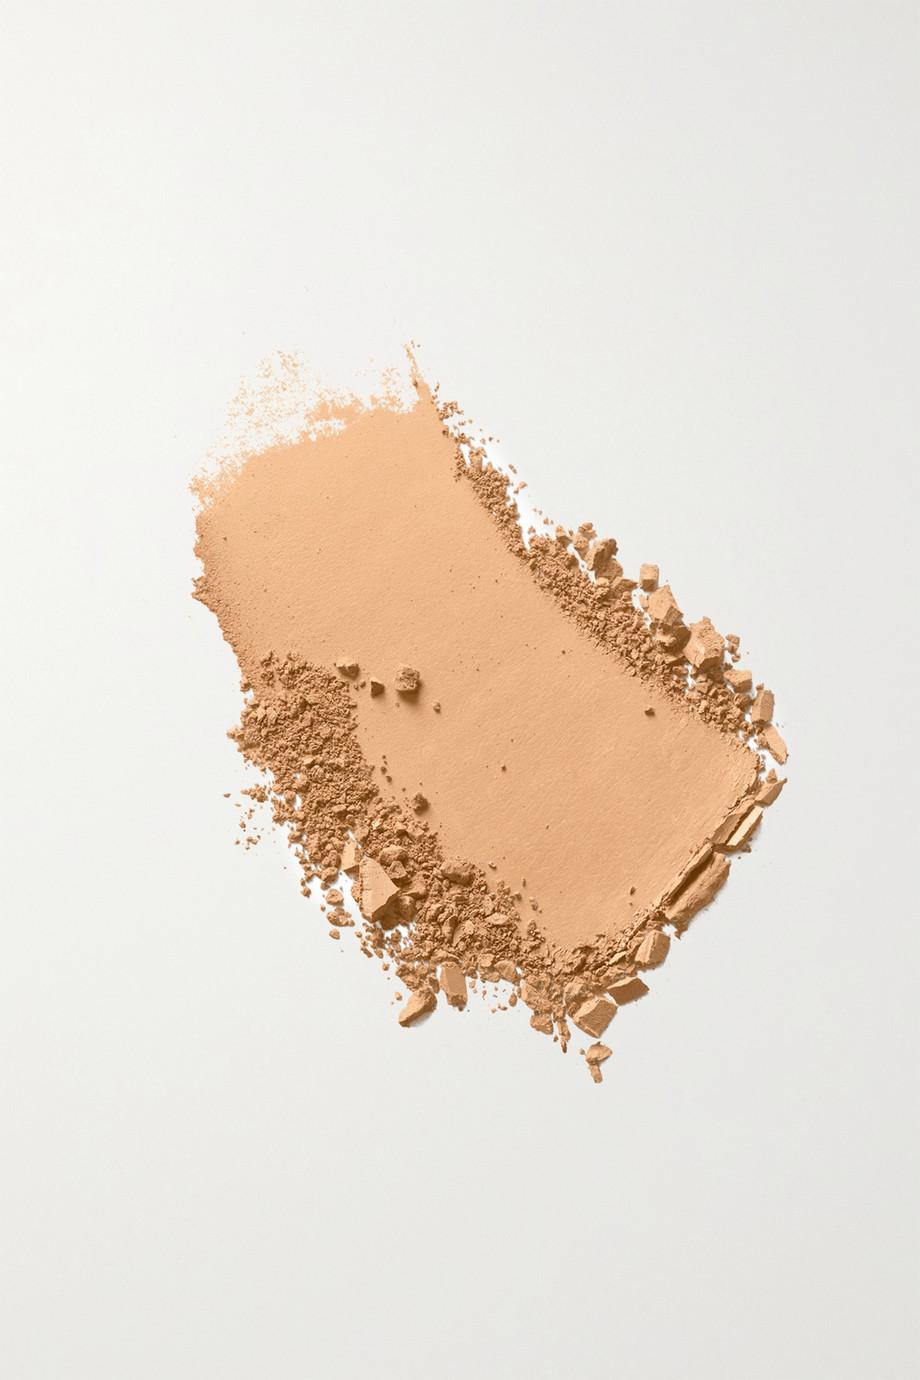 La Mer The Soft Moisture Powder Foundation SPF 30 - Sandstone